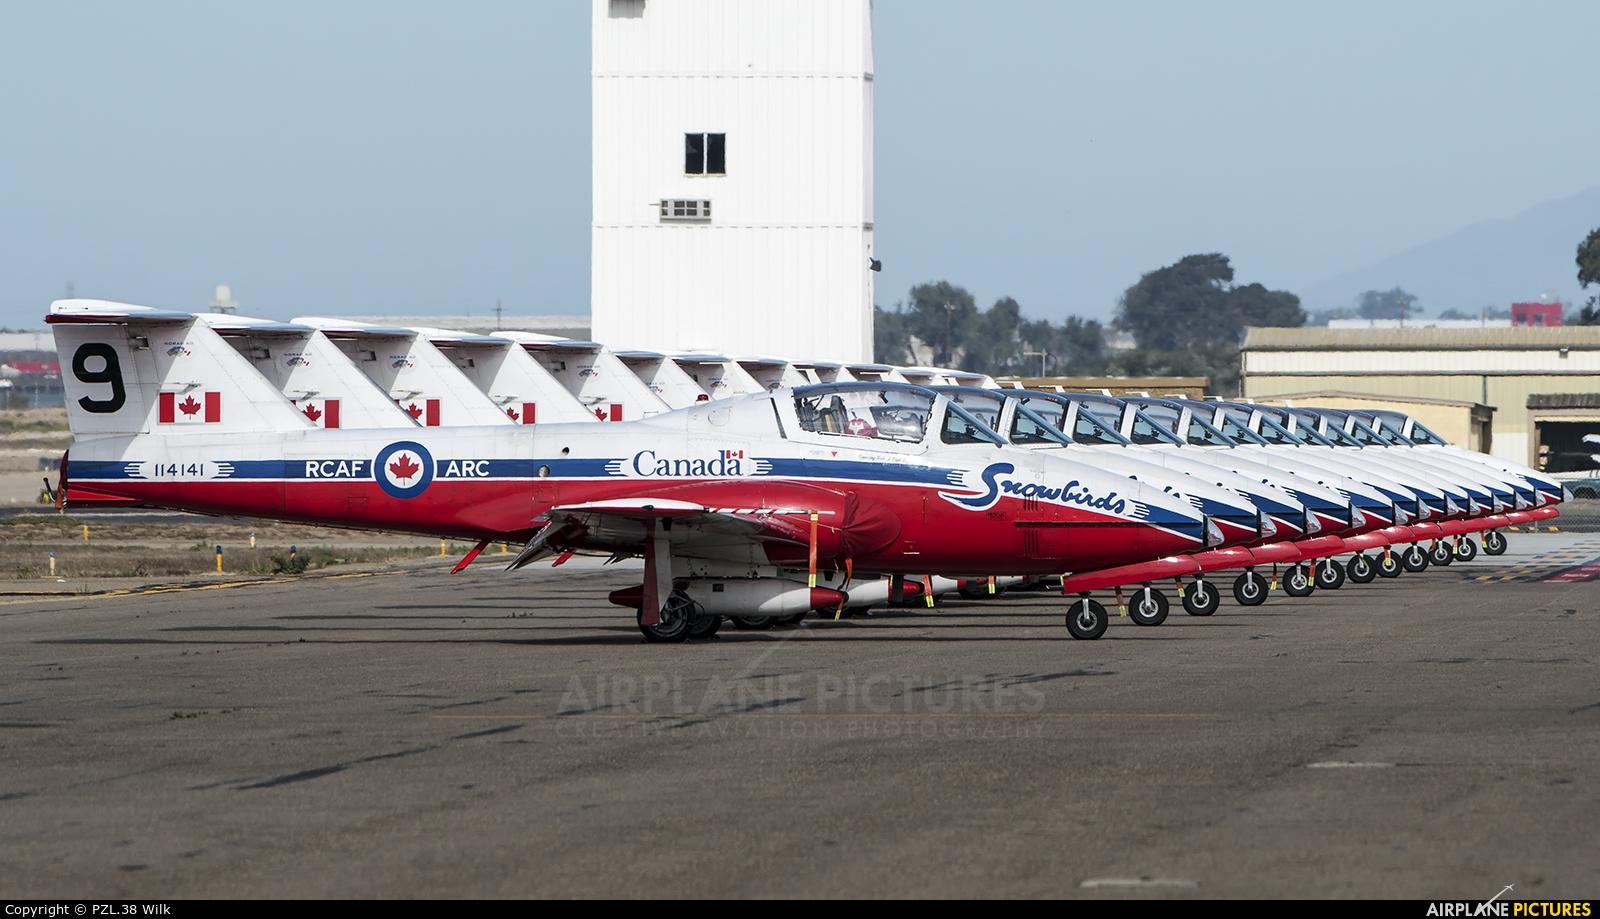 Canada - Air Force 114141 aircraft at Santa Maria